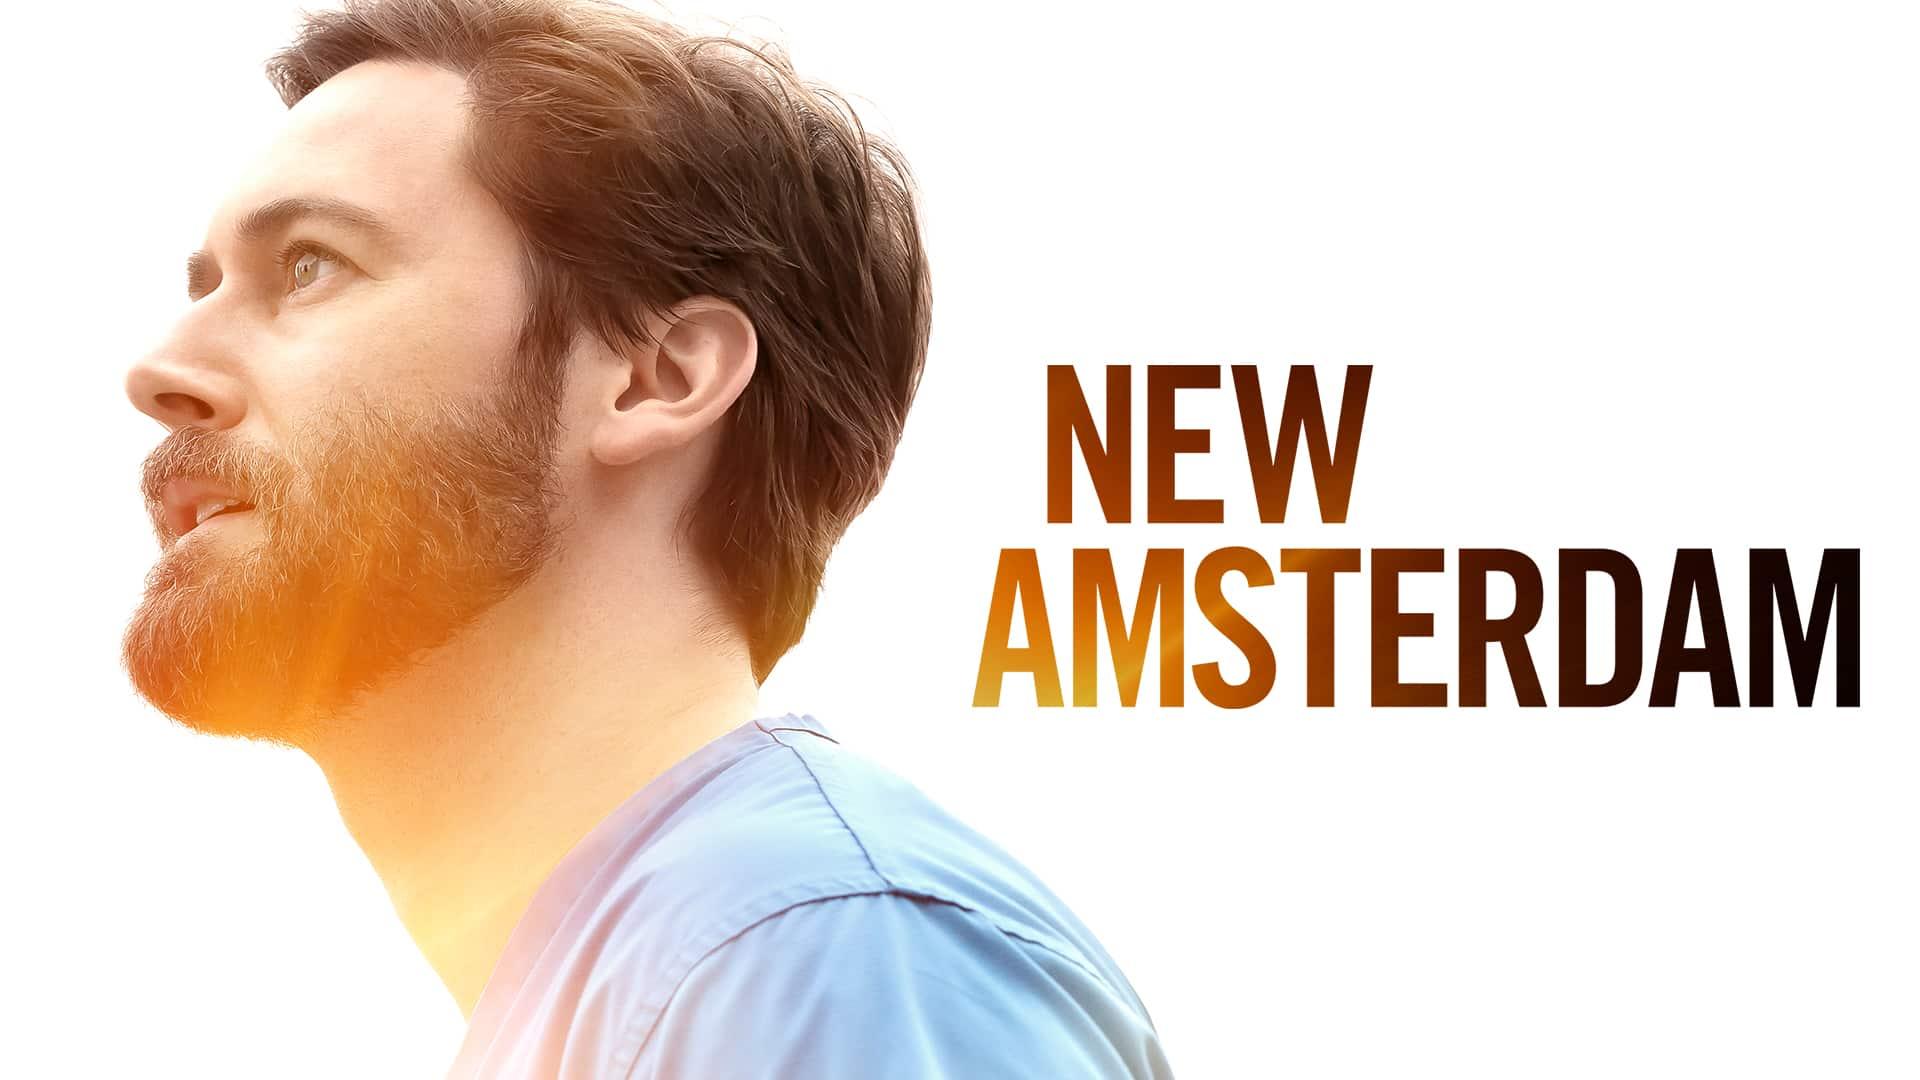 New Amsterdam 3 quarta puntata dove è girato